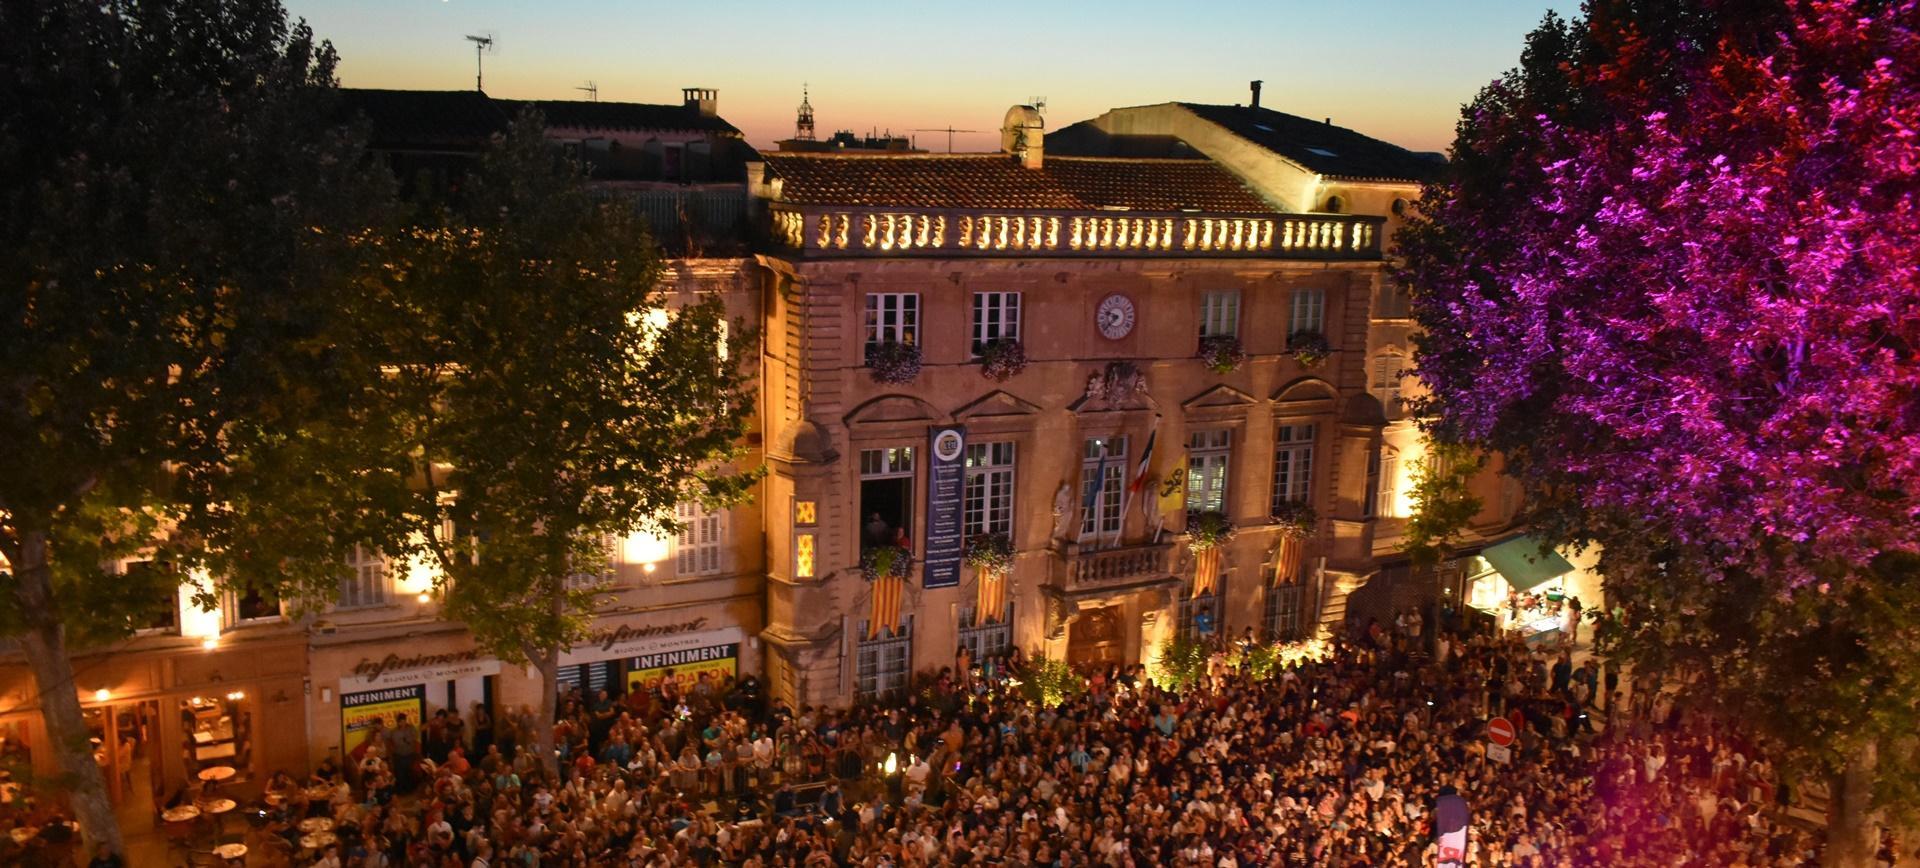 Publicité - Événementiel Salon de Provence